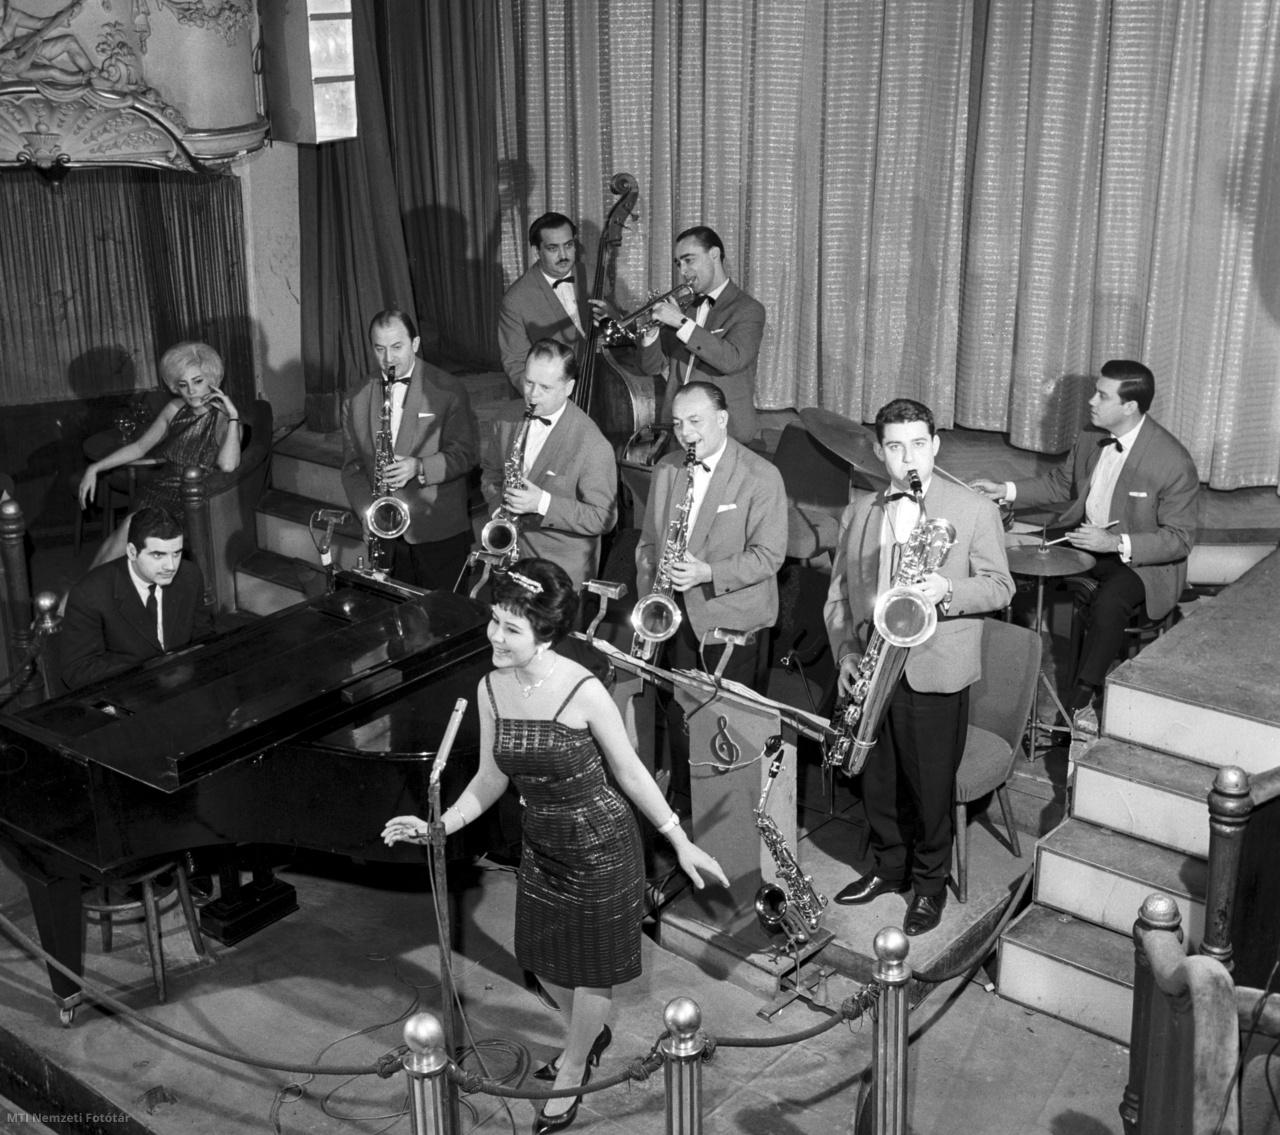 Énekesnő és zenekar szórakoztatja a vendégeket a VI. kerületi Nagymező utcai Budapest Táncpalotában 1962-ben.